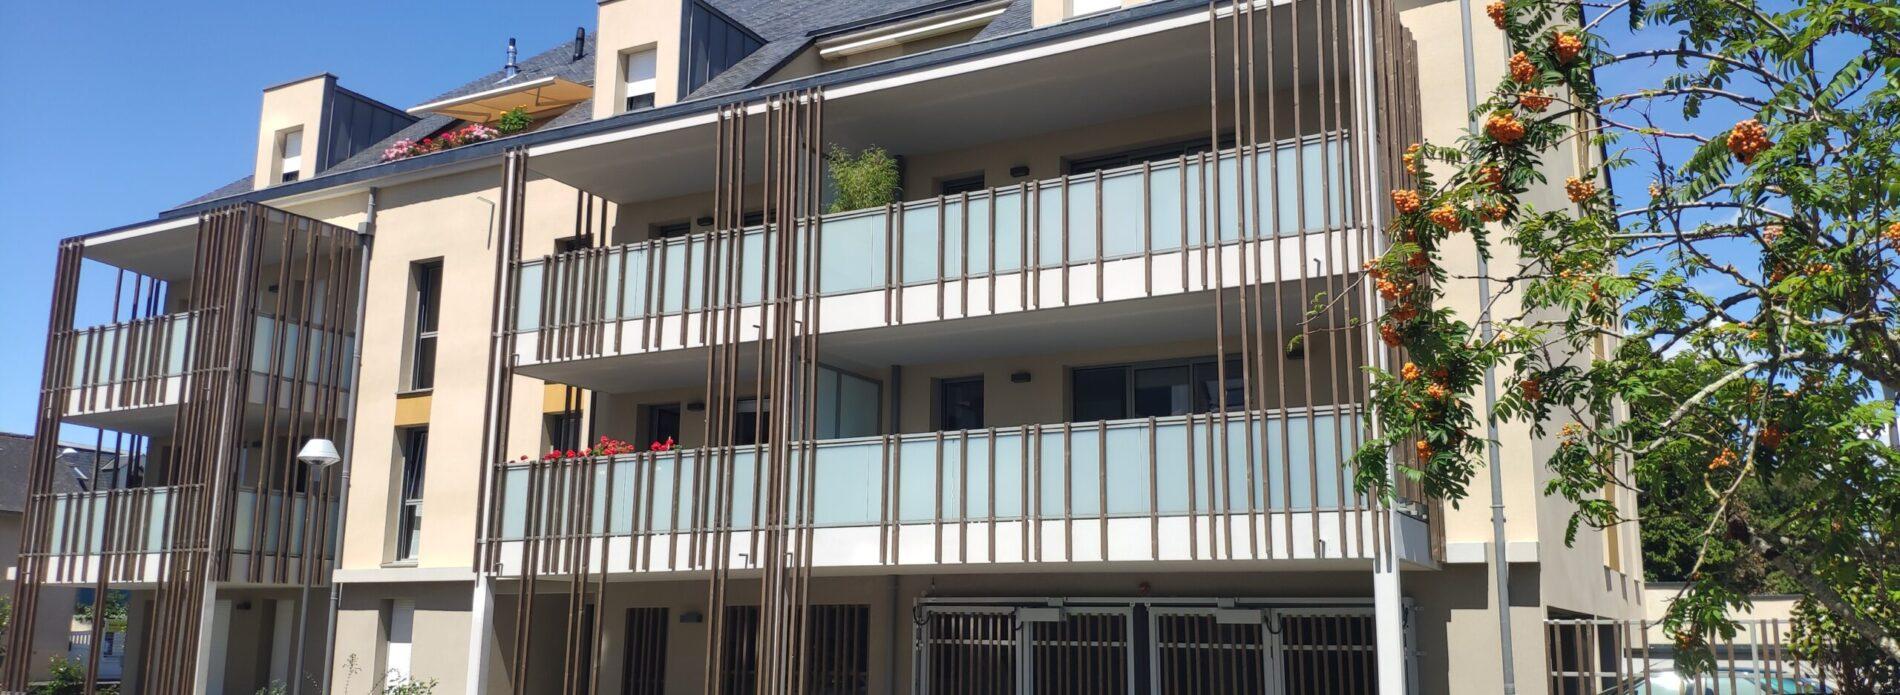 Résidence l'Aparté à Saint-Grégoire